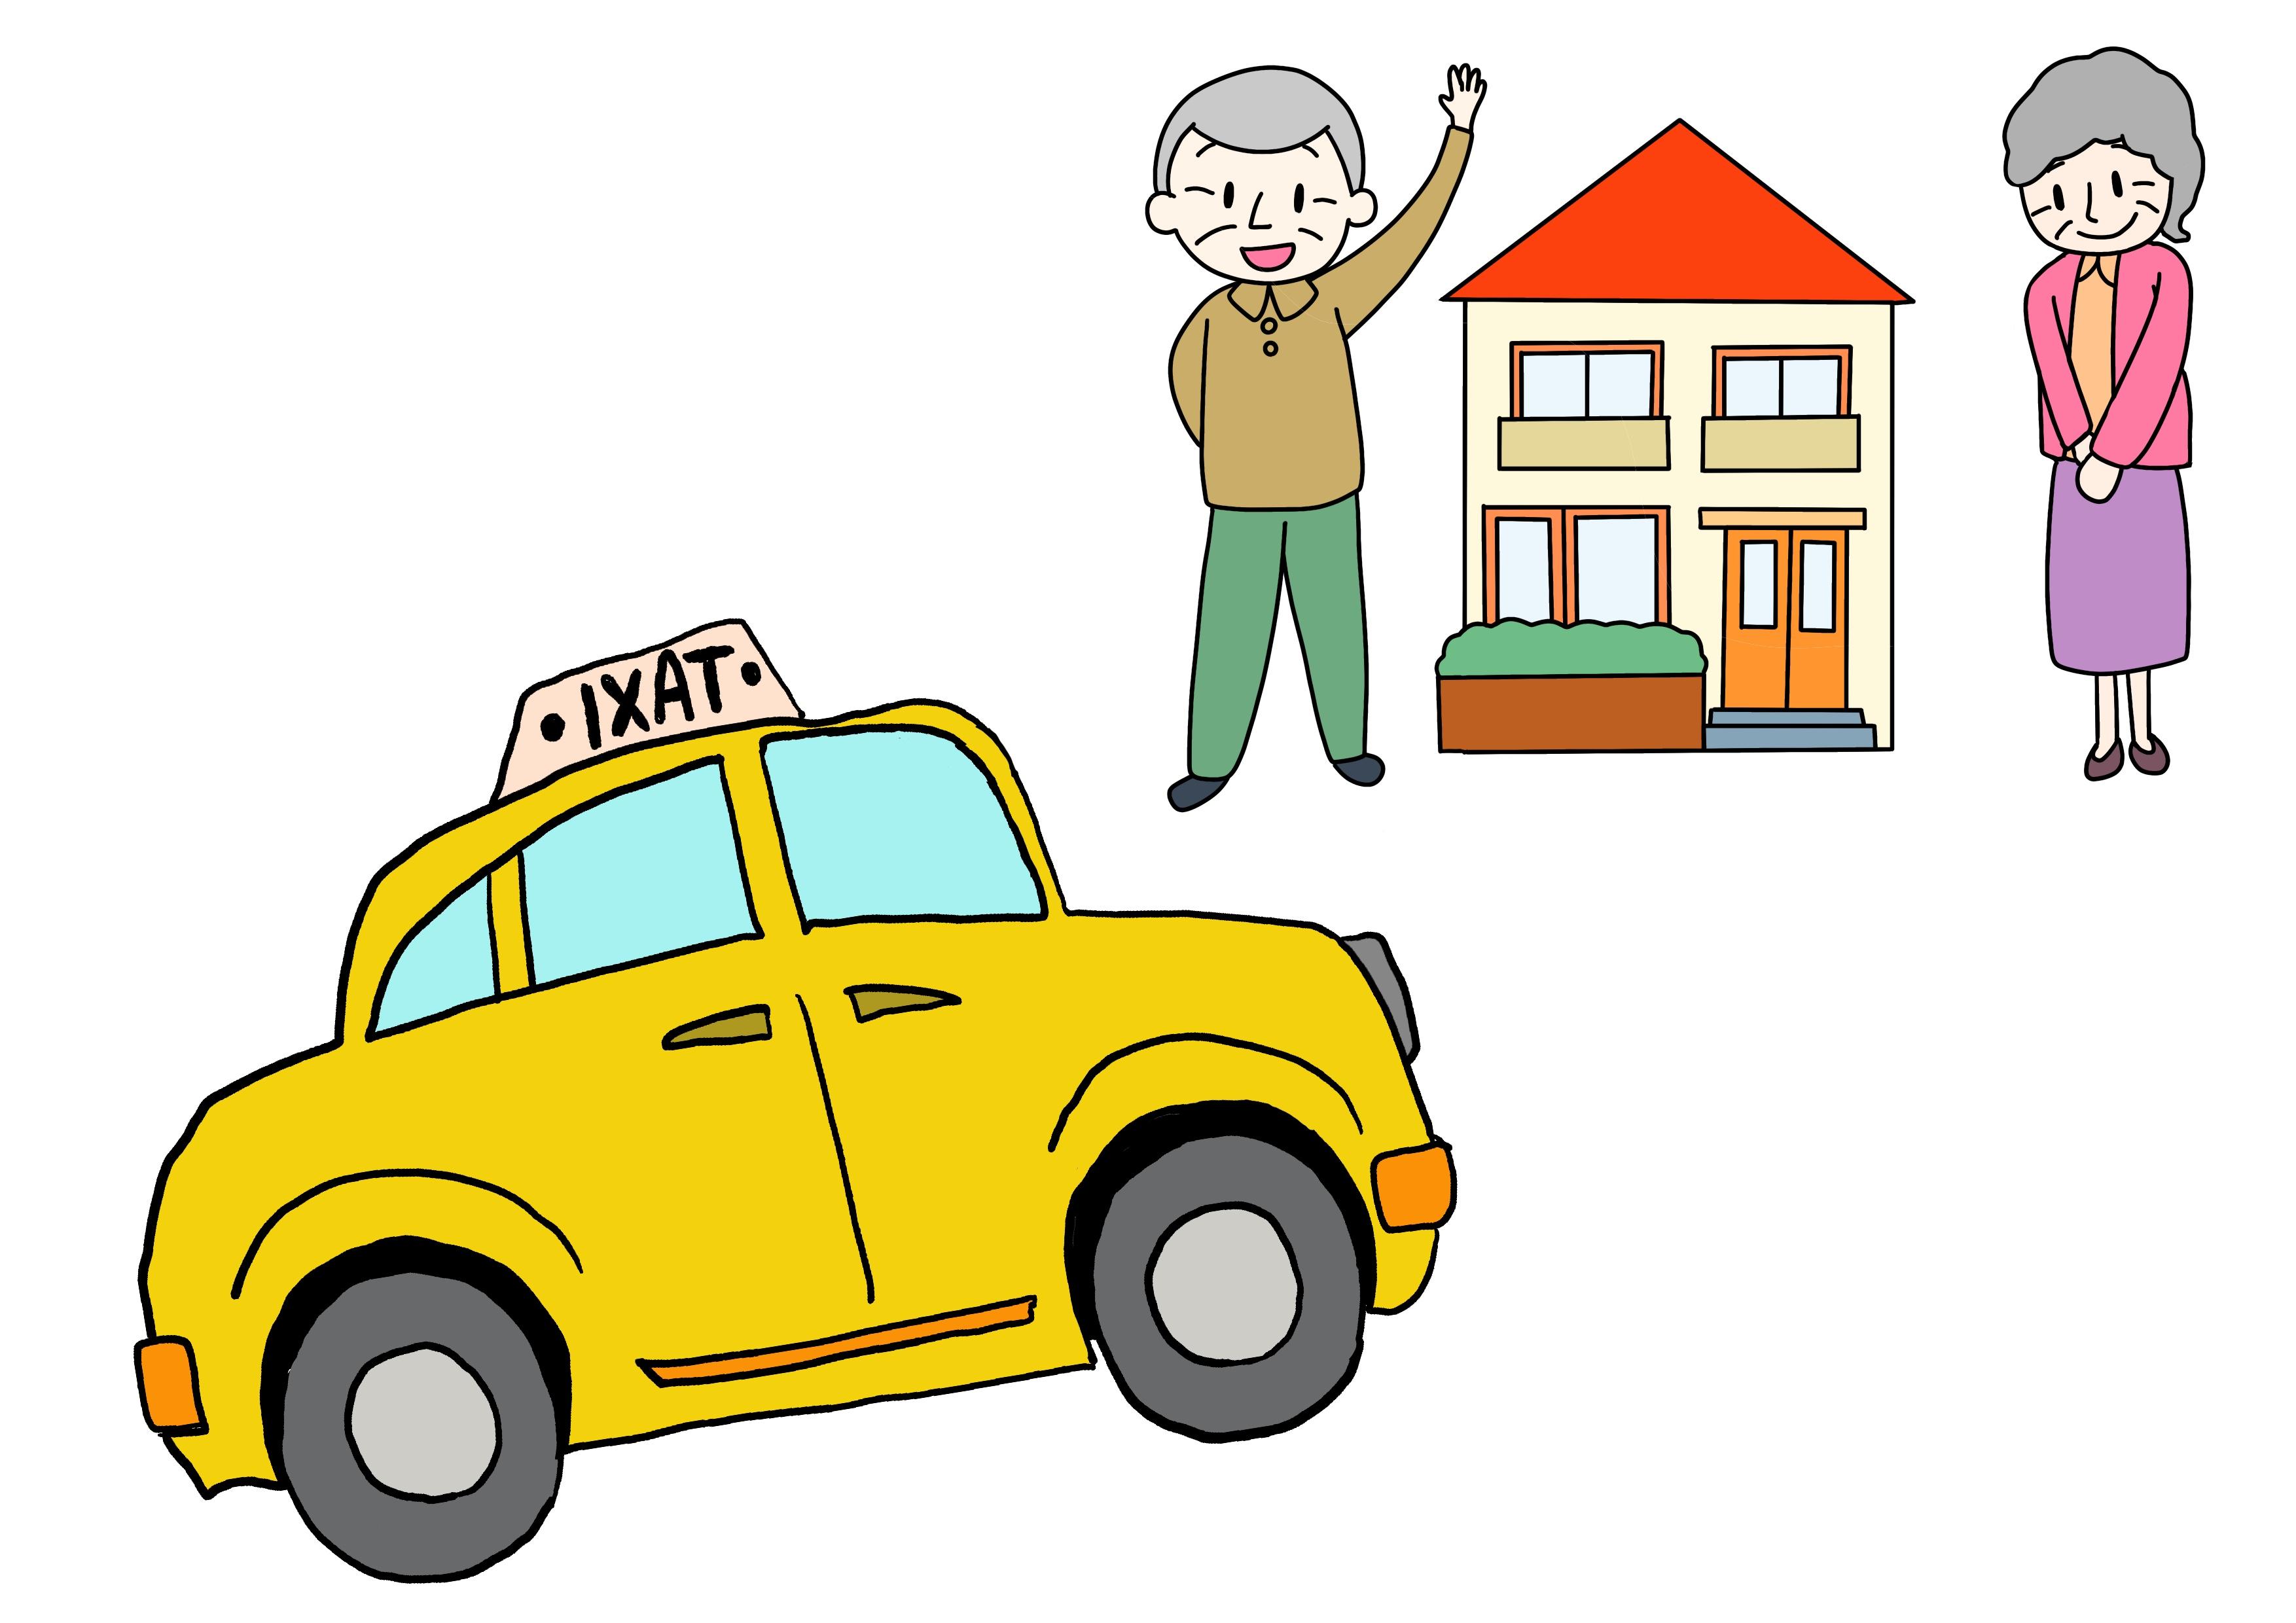 5課イラスト【タクシーでうちへ帰る】